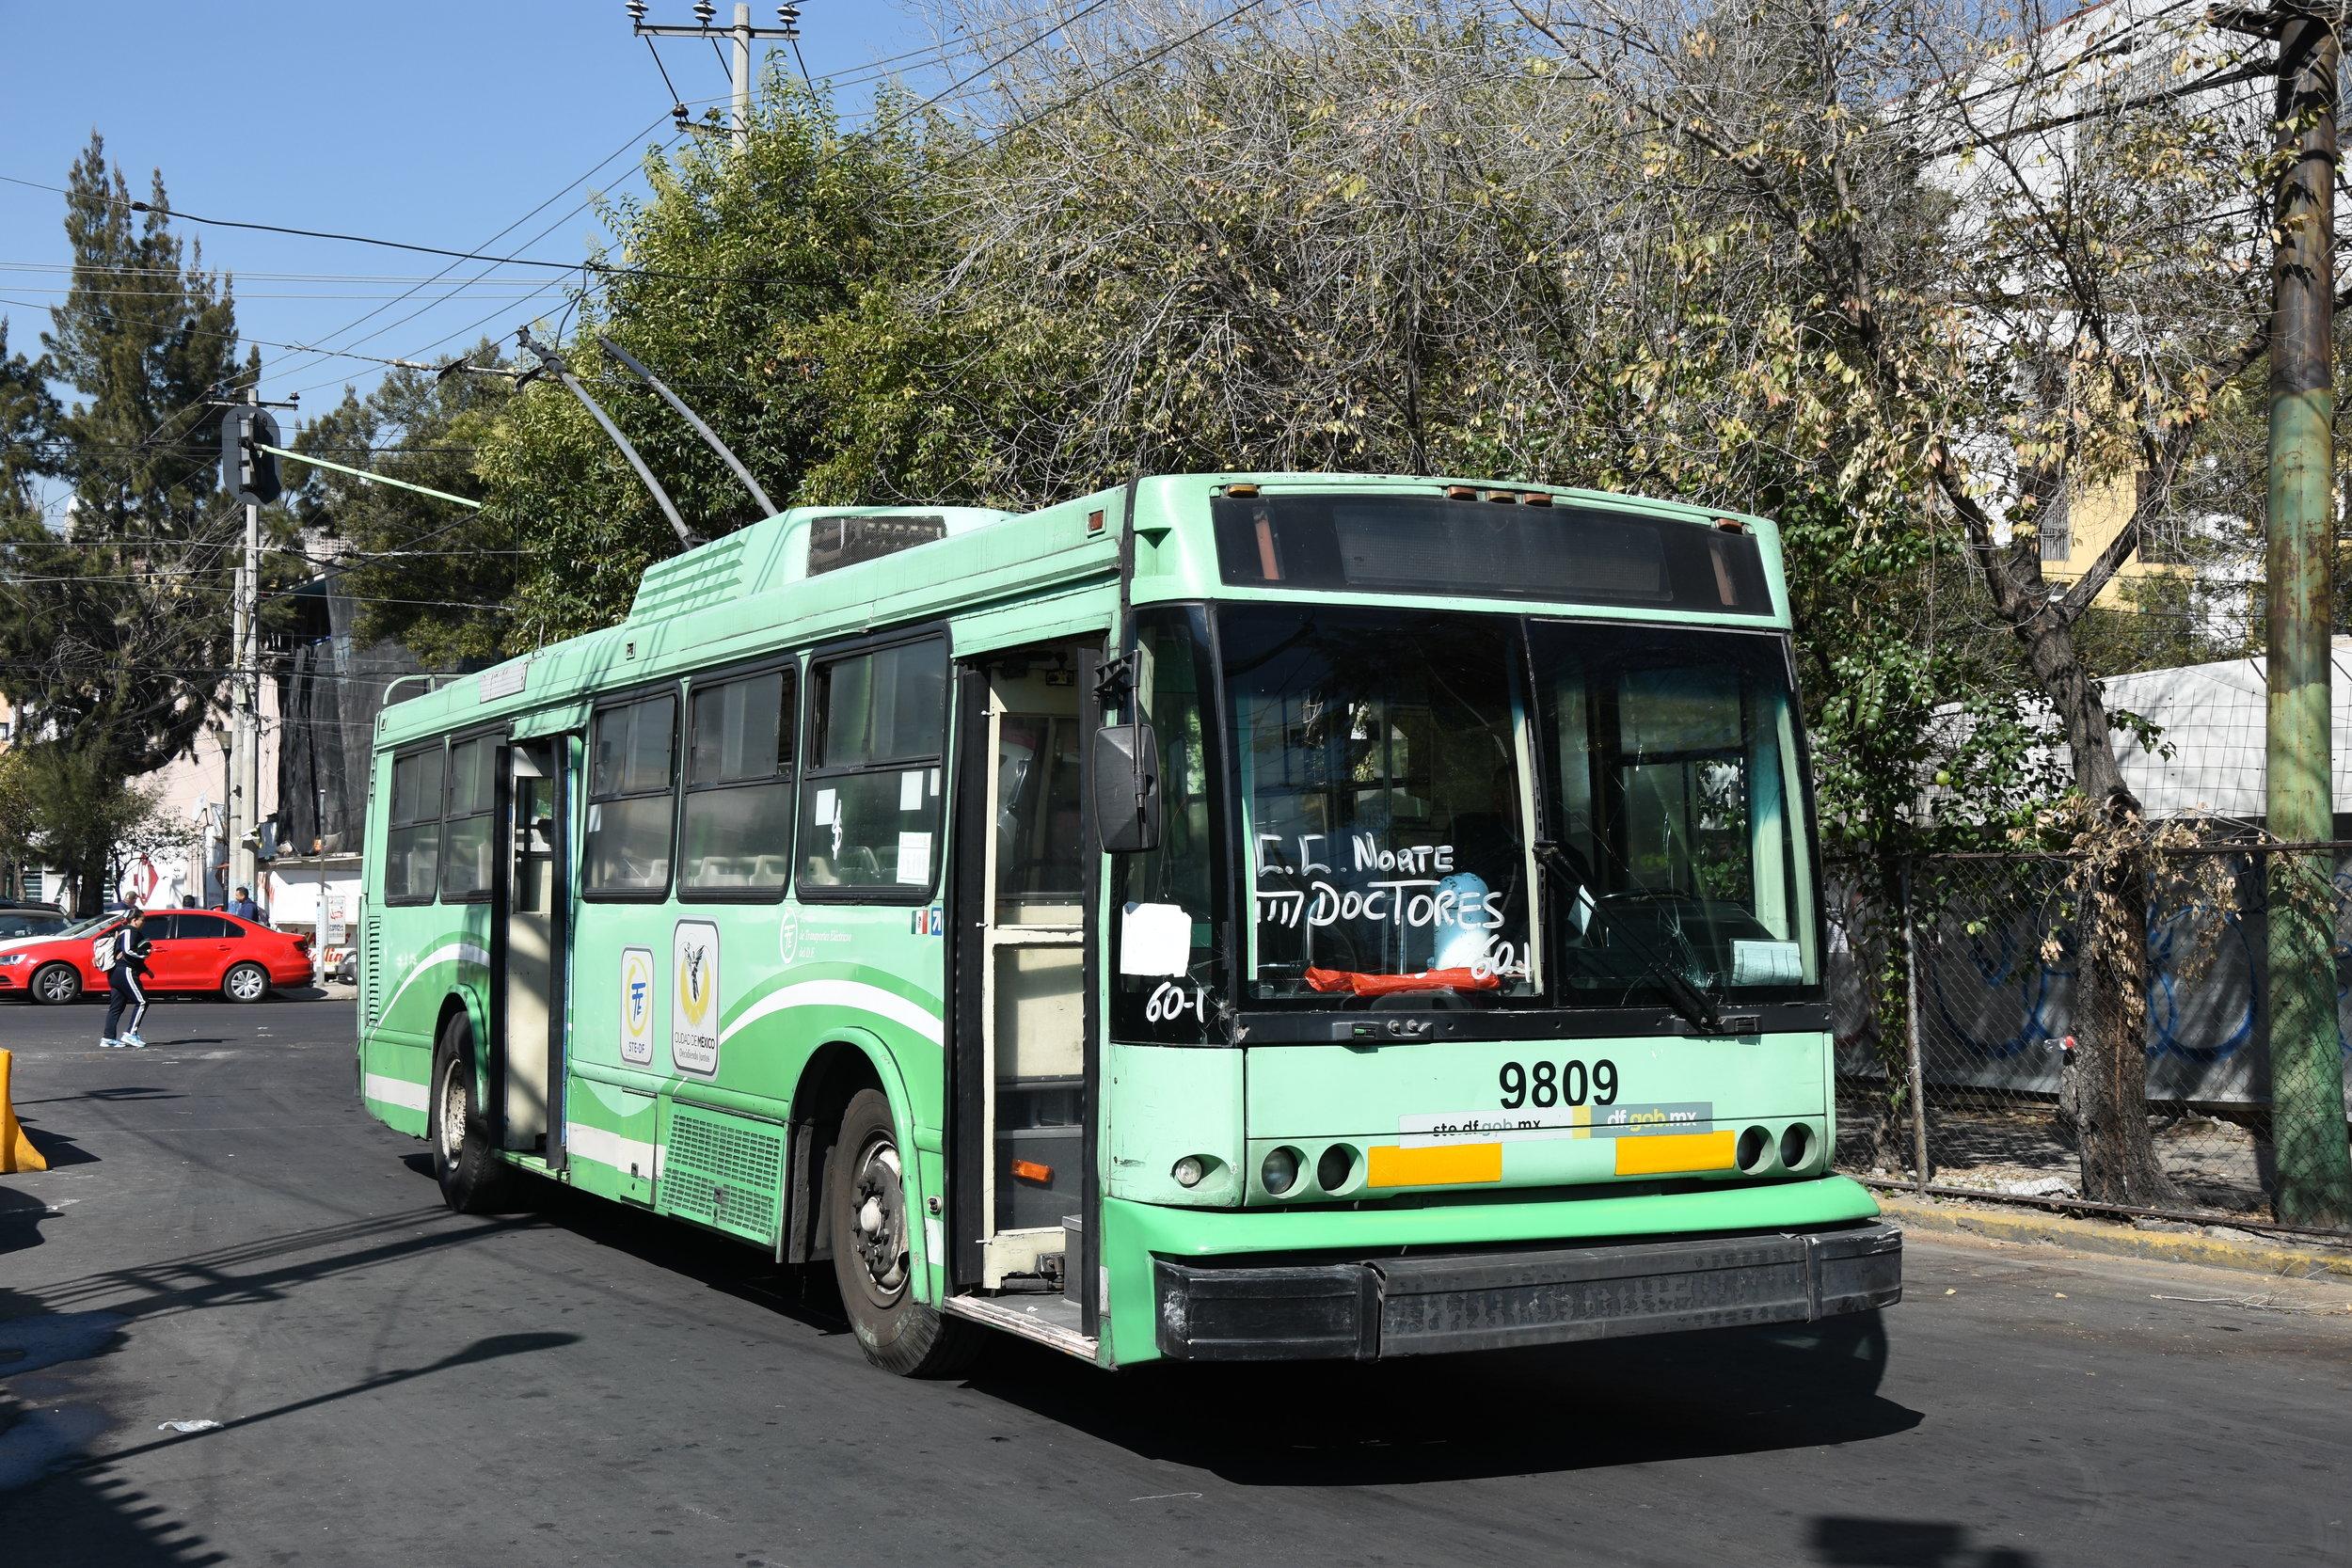 """Trolejbus v Ciudad de México. Povšimněte si """"linkové orientace"""" ve formě ručně psaného nápisu na čelním okně. S ohledem na absenci transparentů jde u většiny vozů o naprostý standard. (foto: Libor Hinčica)"""